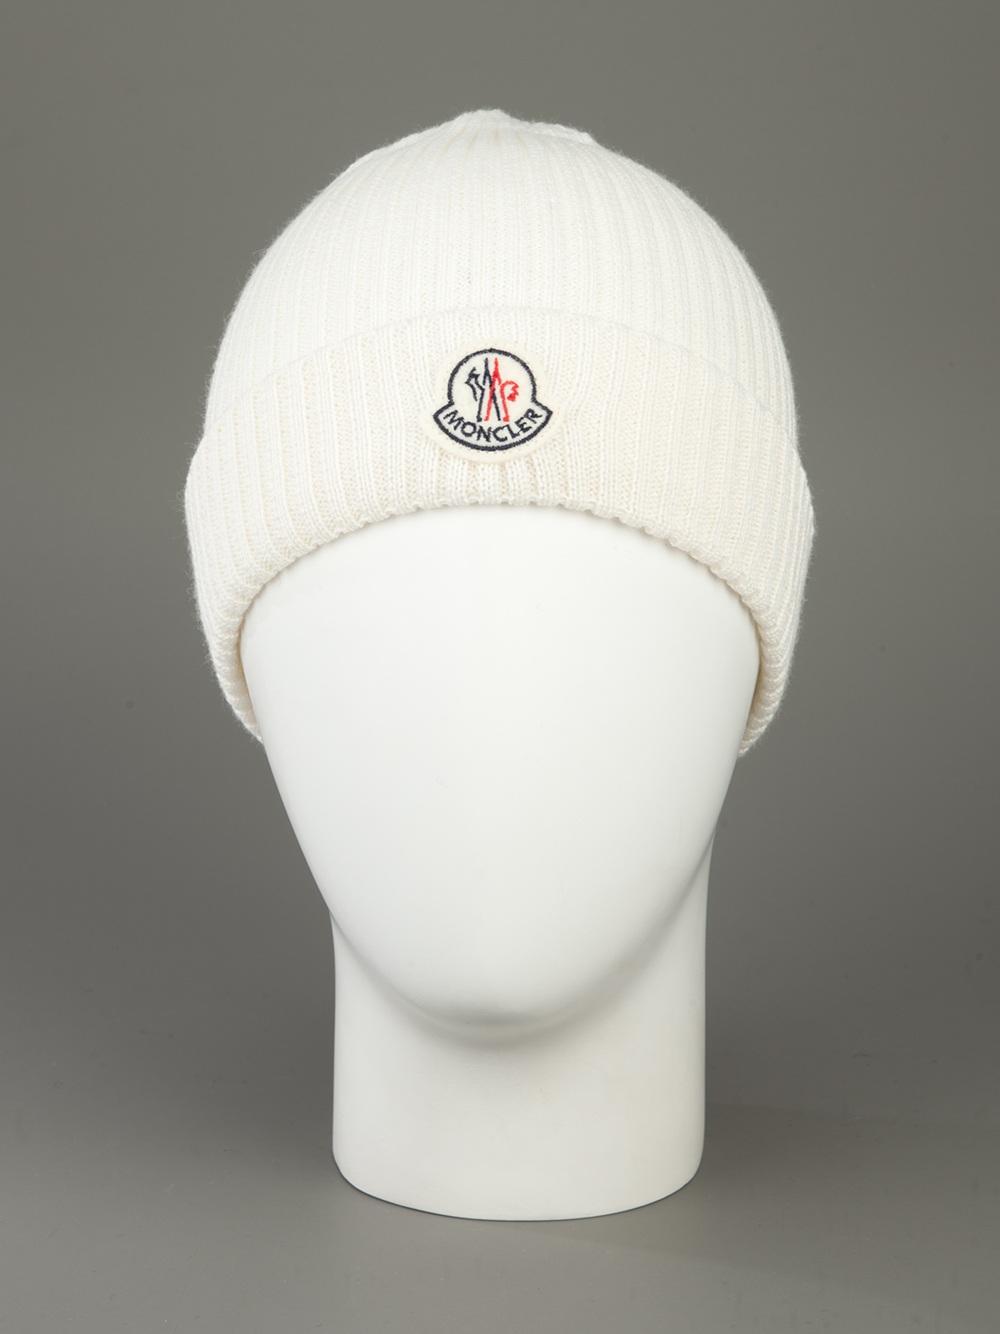 Moncler Cappellino Beanie in White for Men - Lyst 3acd0685fae